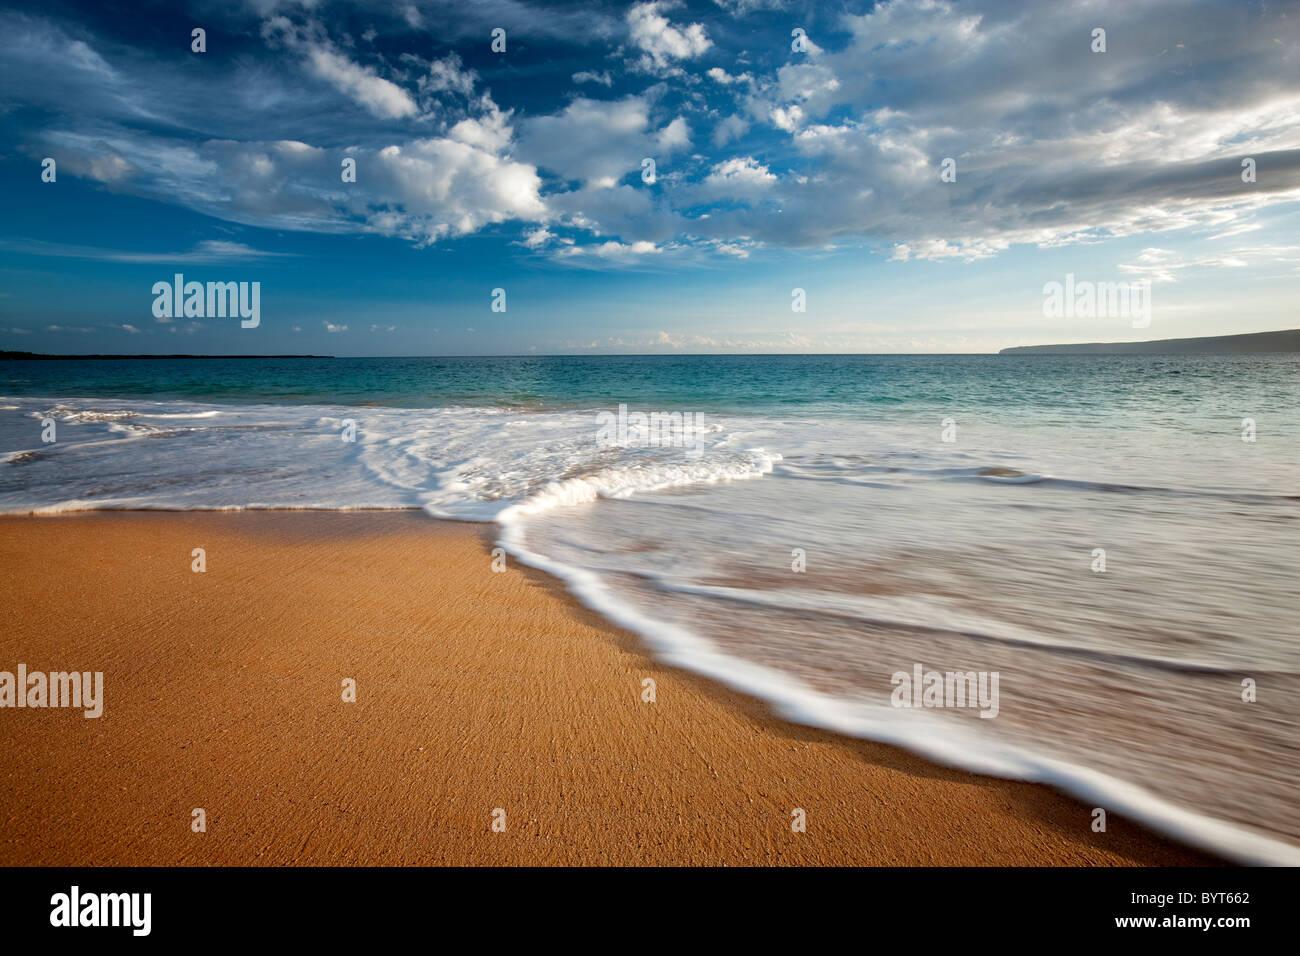 Beach, les vagues et les nuages. Maui, Hawaii. Photo Stock